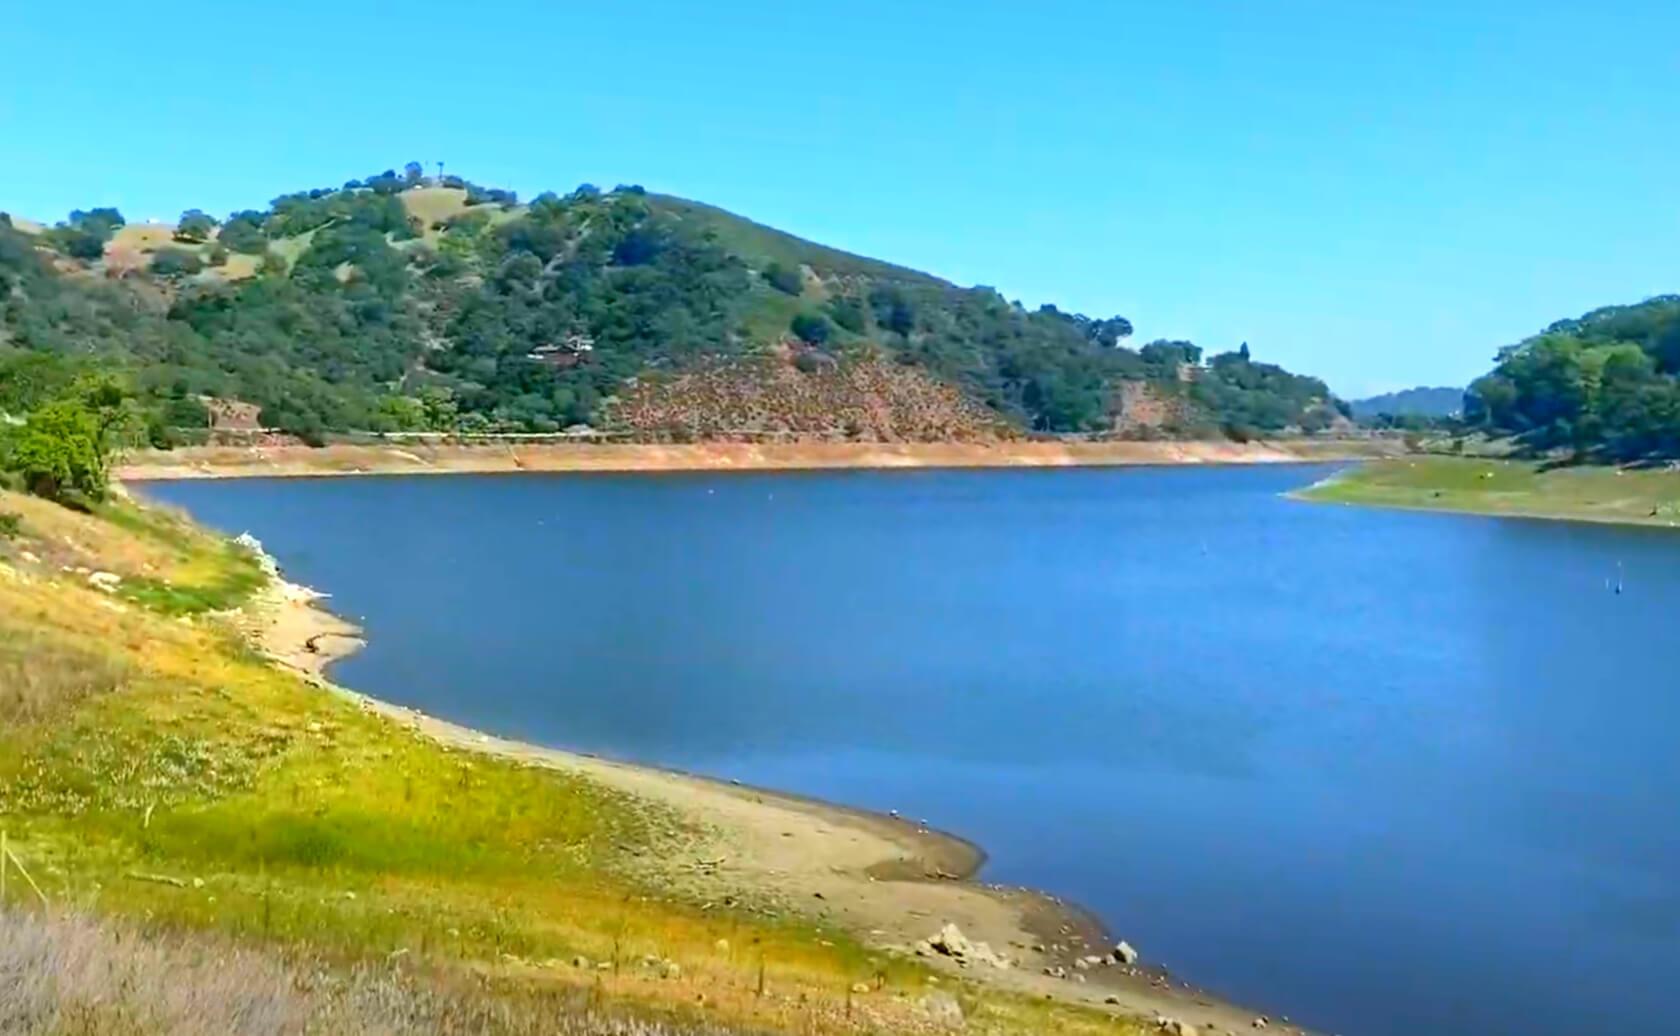 Chesbro-Reservoir-Lake-Fishing-Guide-Report-San-Jose-CA-01